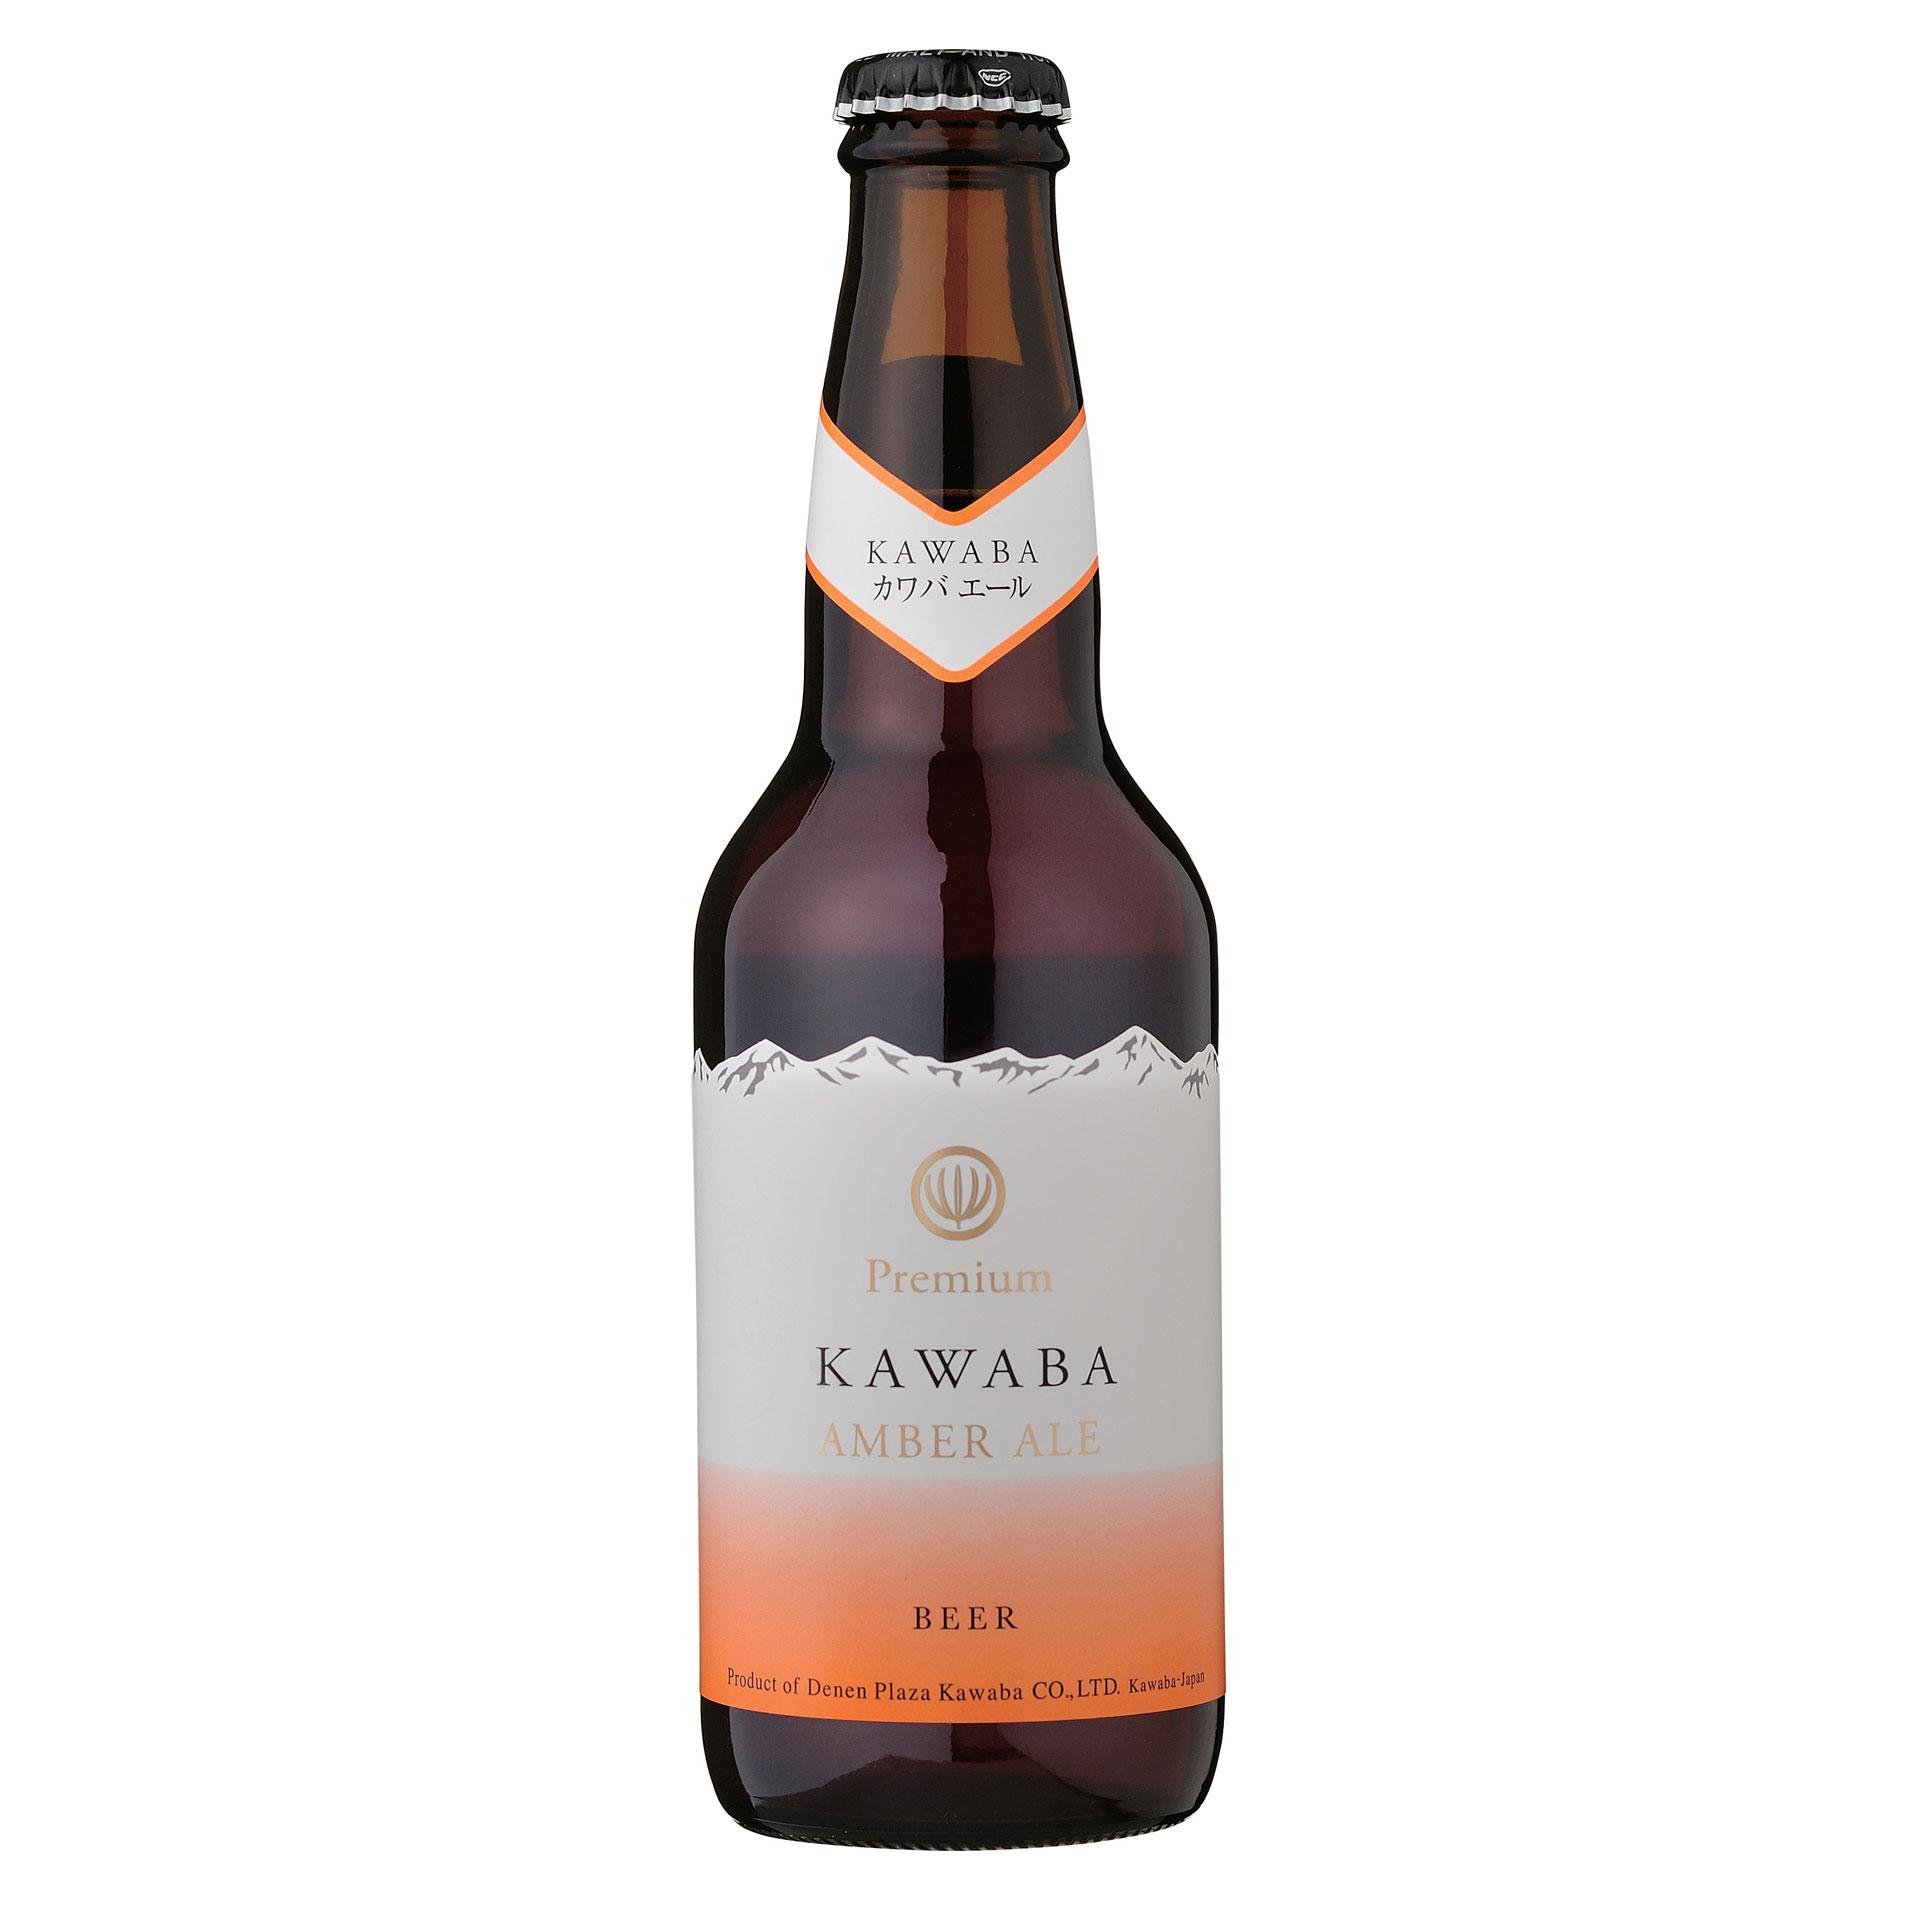 川場ビール4種詰め合わせセットの商品詳細イメージ-1446